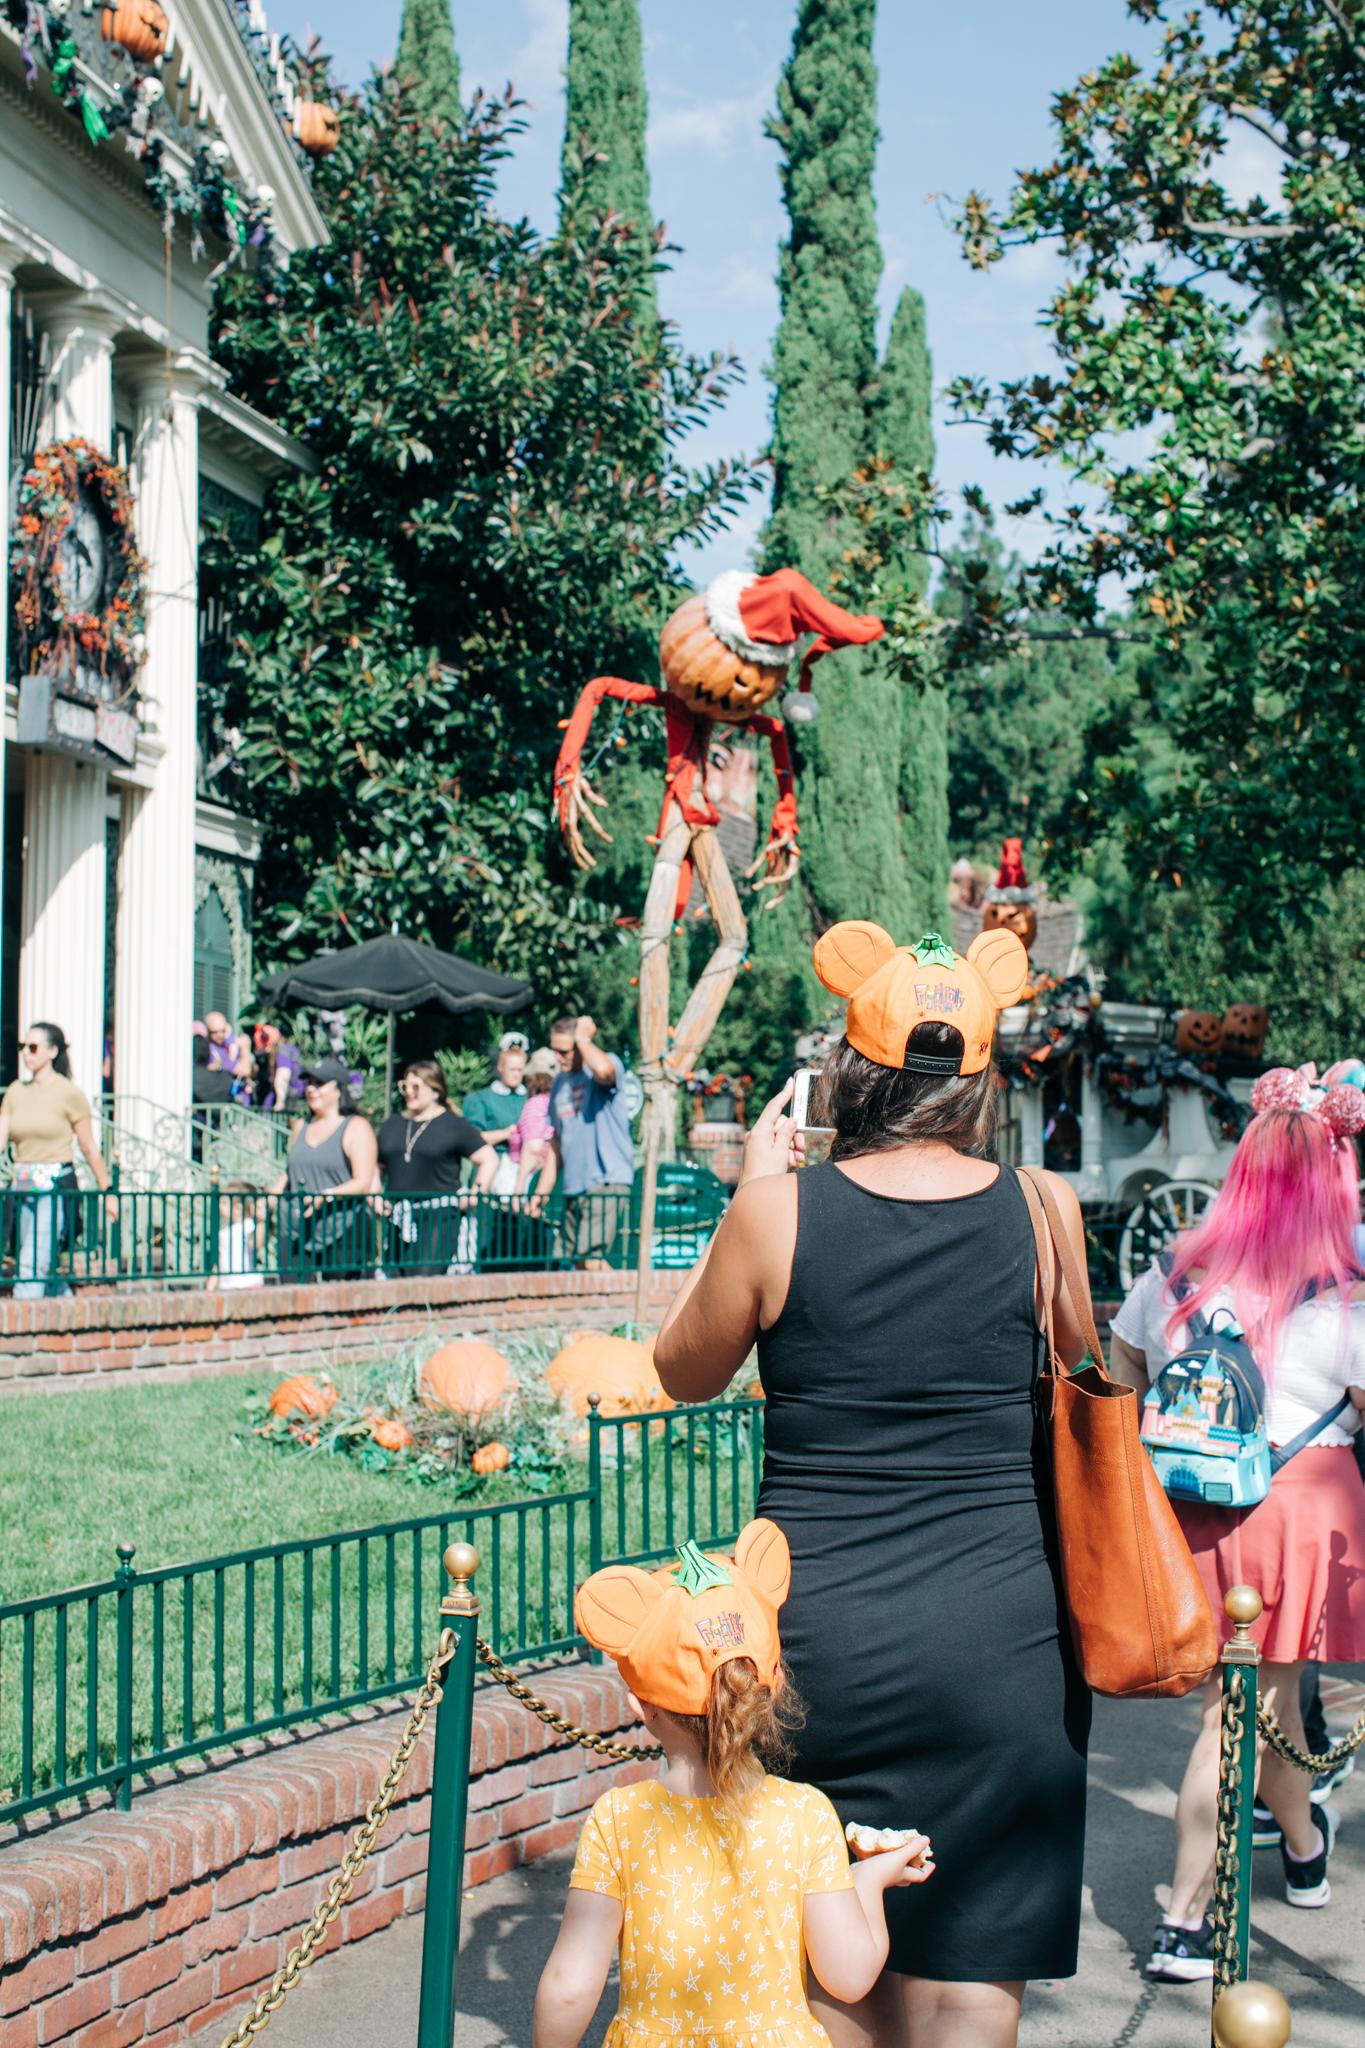 BabyBoyBakery_Disneyland_LilyRo-29.jpg